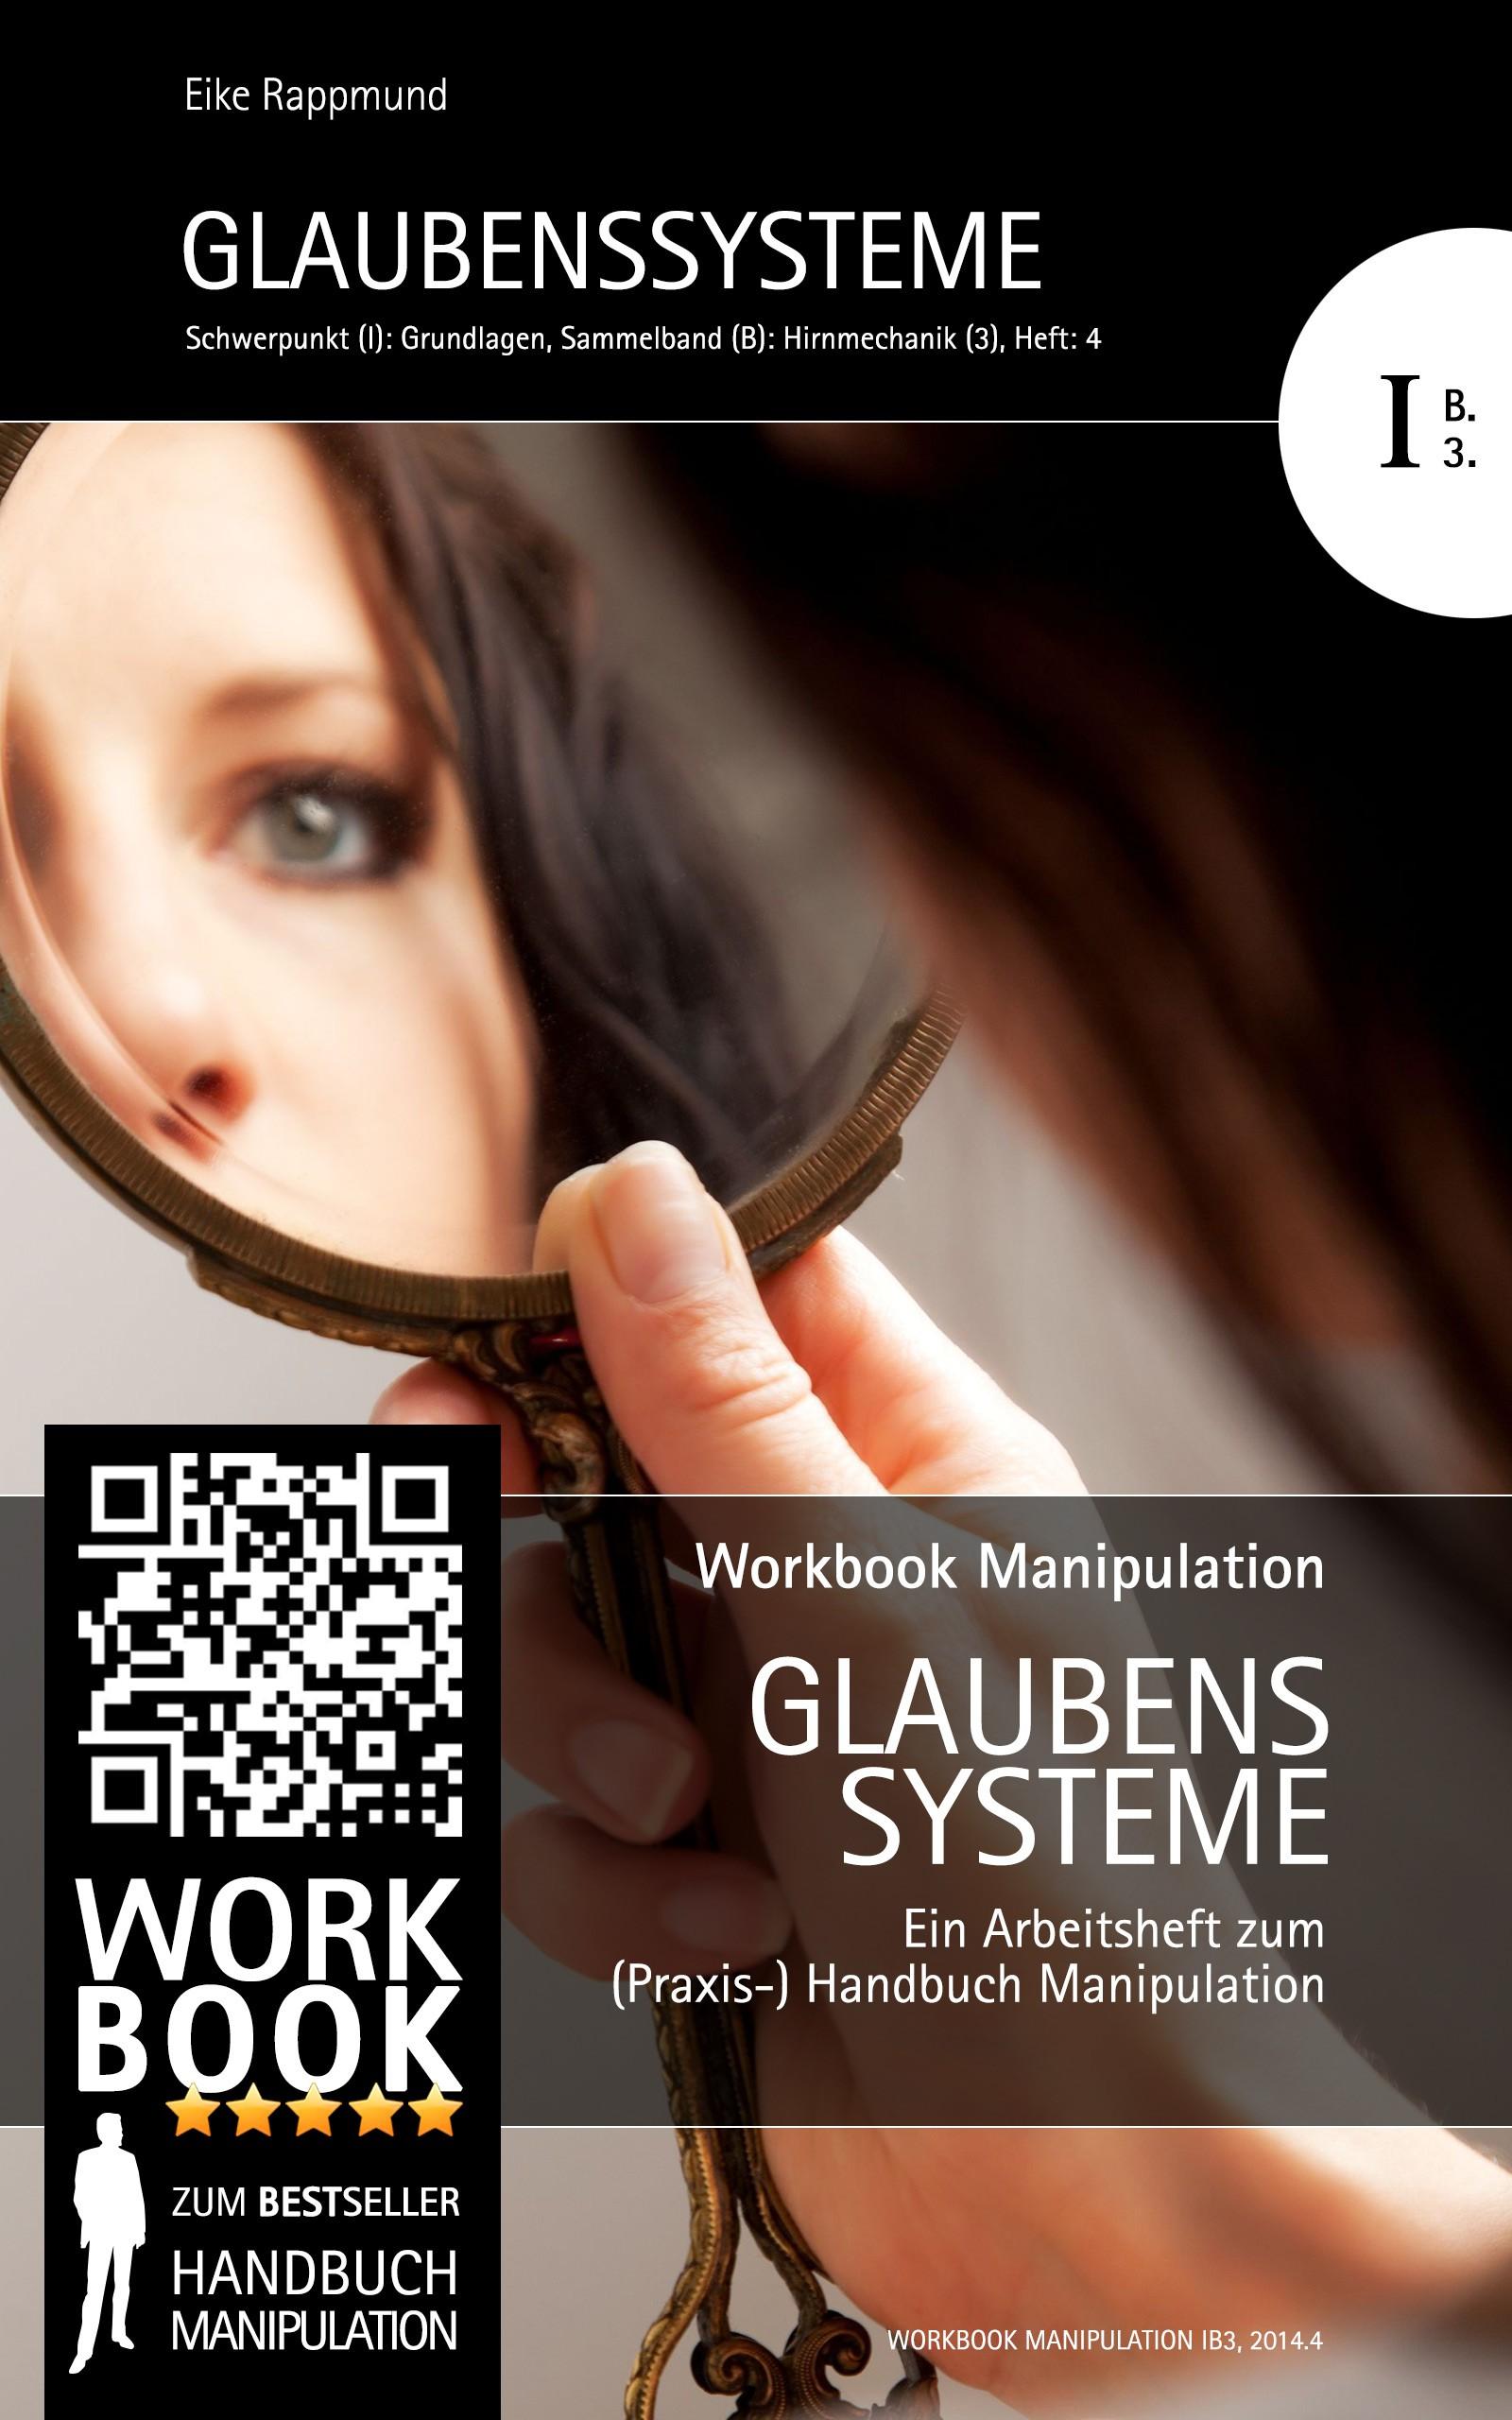 Glaubenssysteme - Arbeitsheft #4